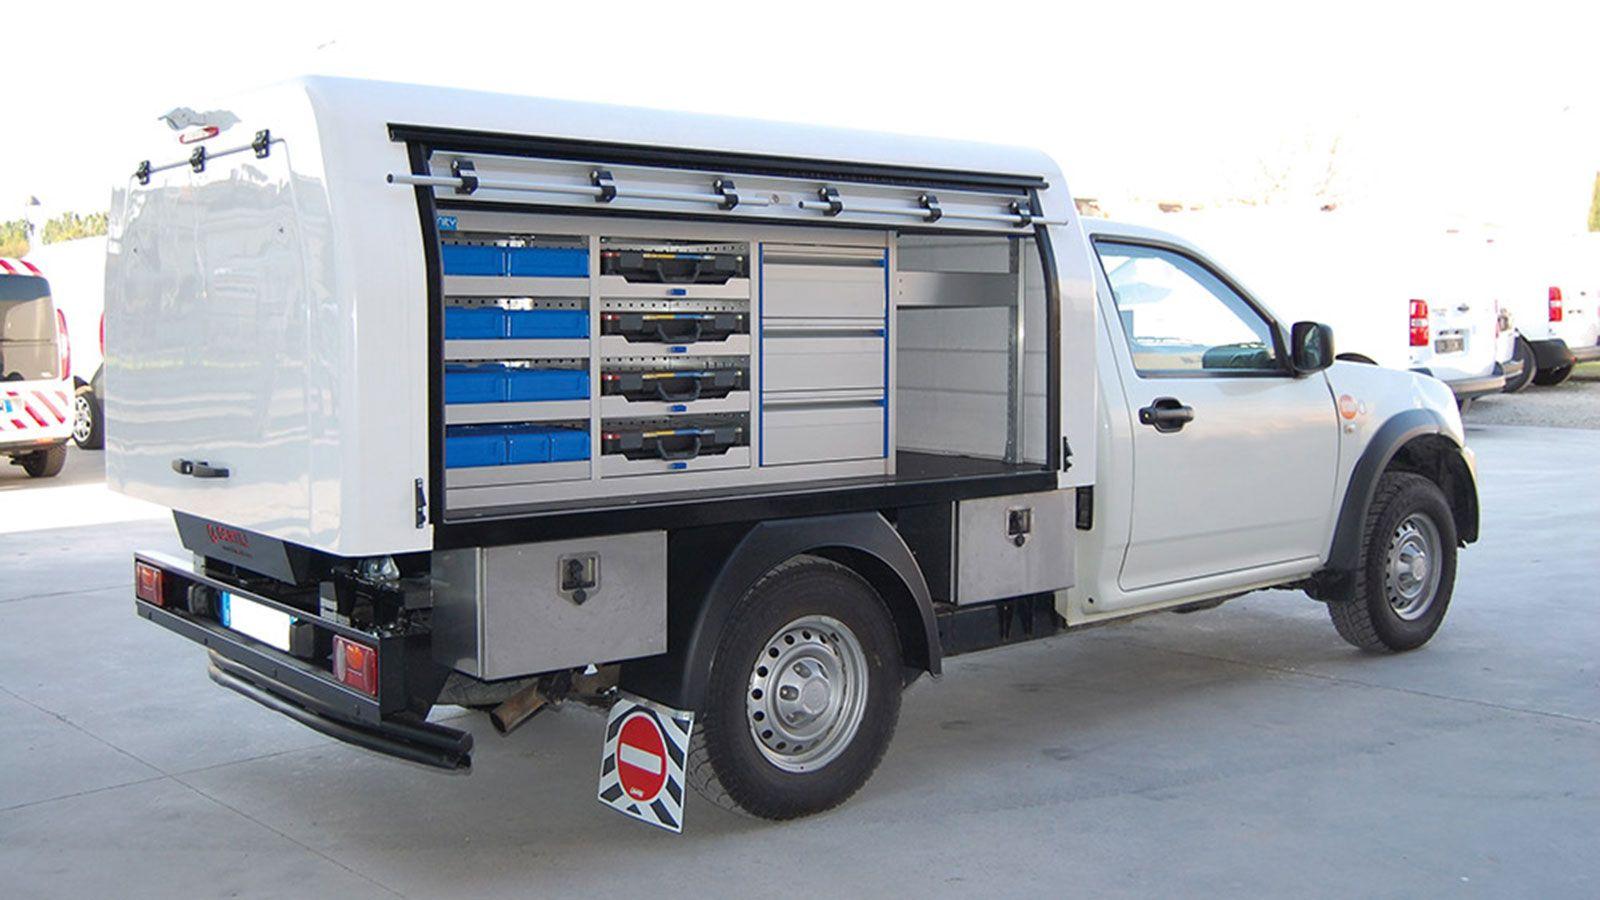 Με τον τεχνολογικό εξοπλισμό GENTILI το pick up γίνεται όχημα πολλαπλών χρήσεων.